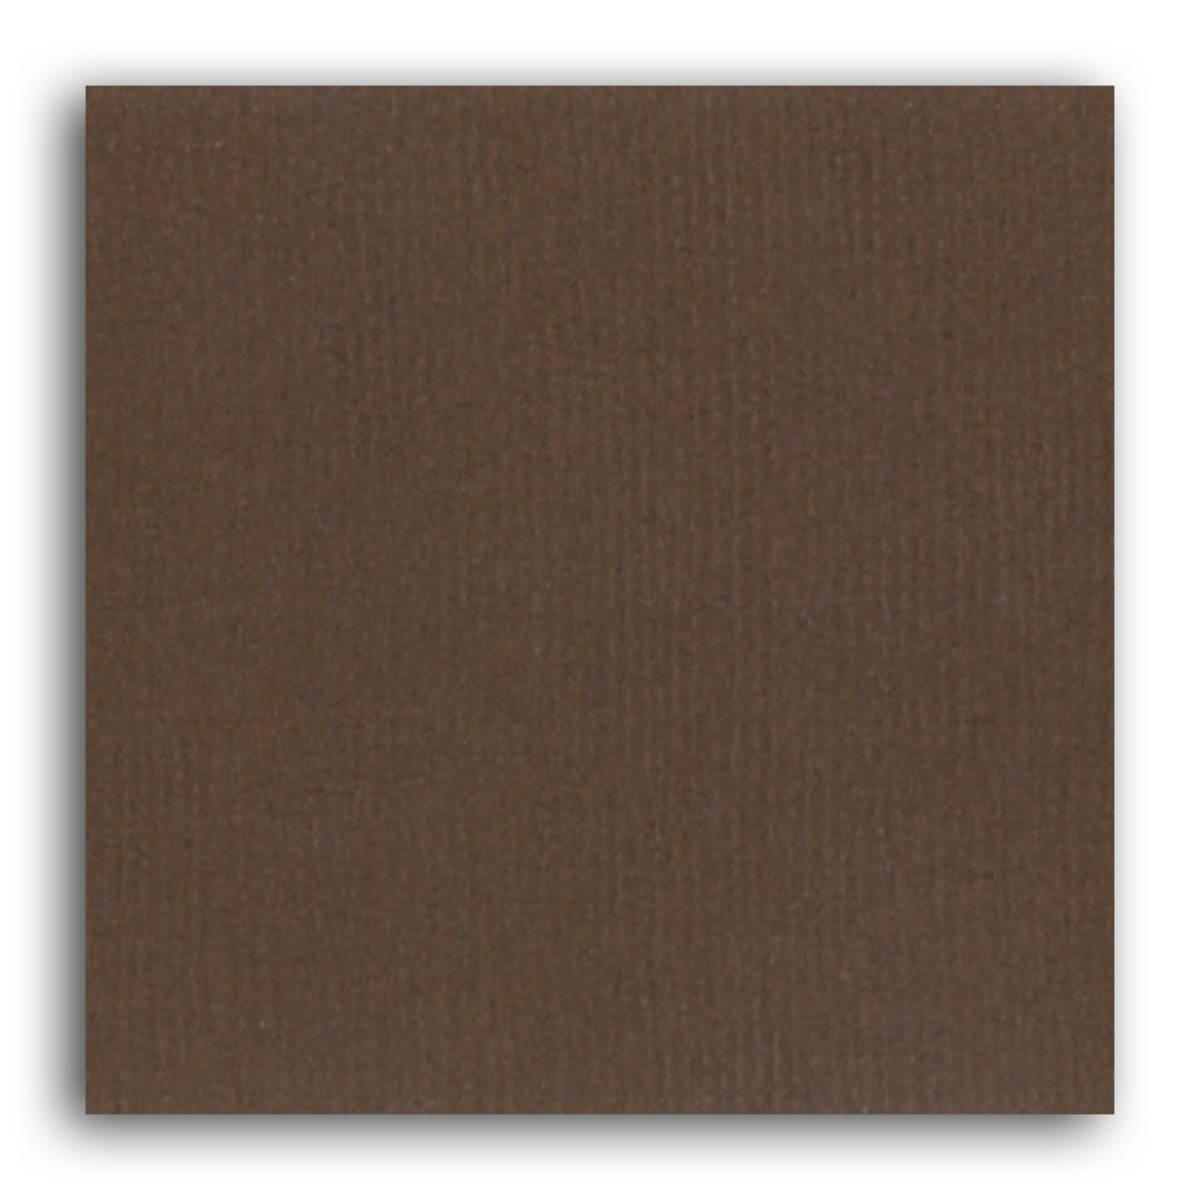 Papier uni 30x30 Mahé 2 Toga - Chocolat